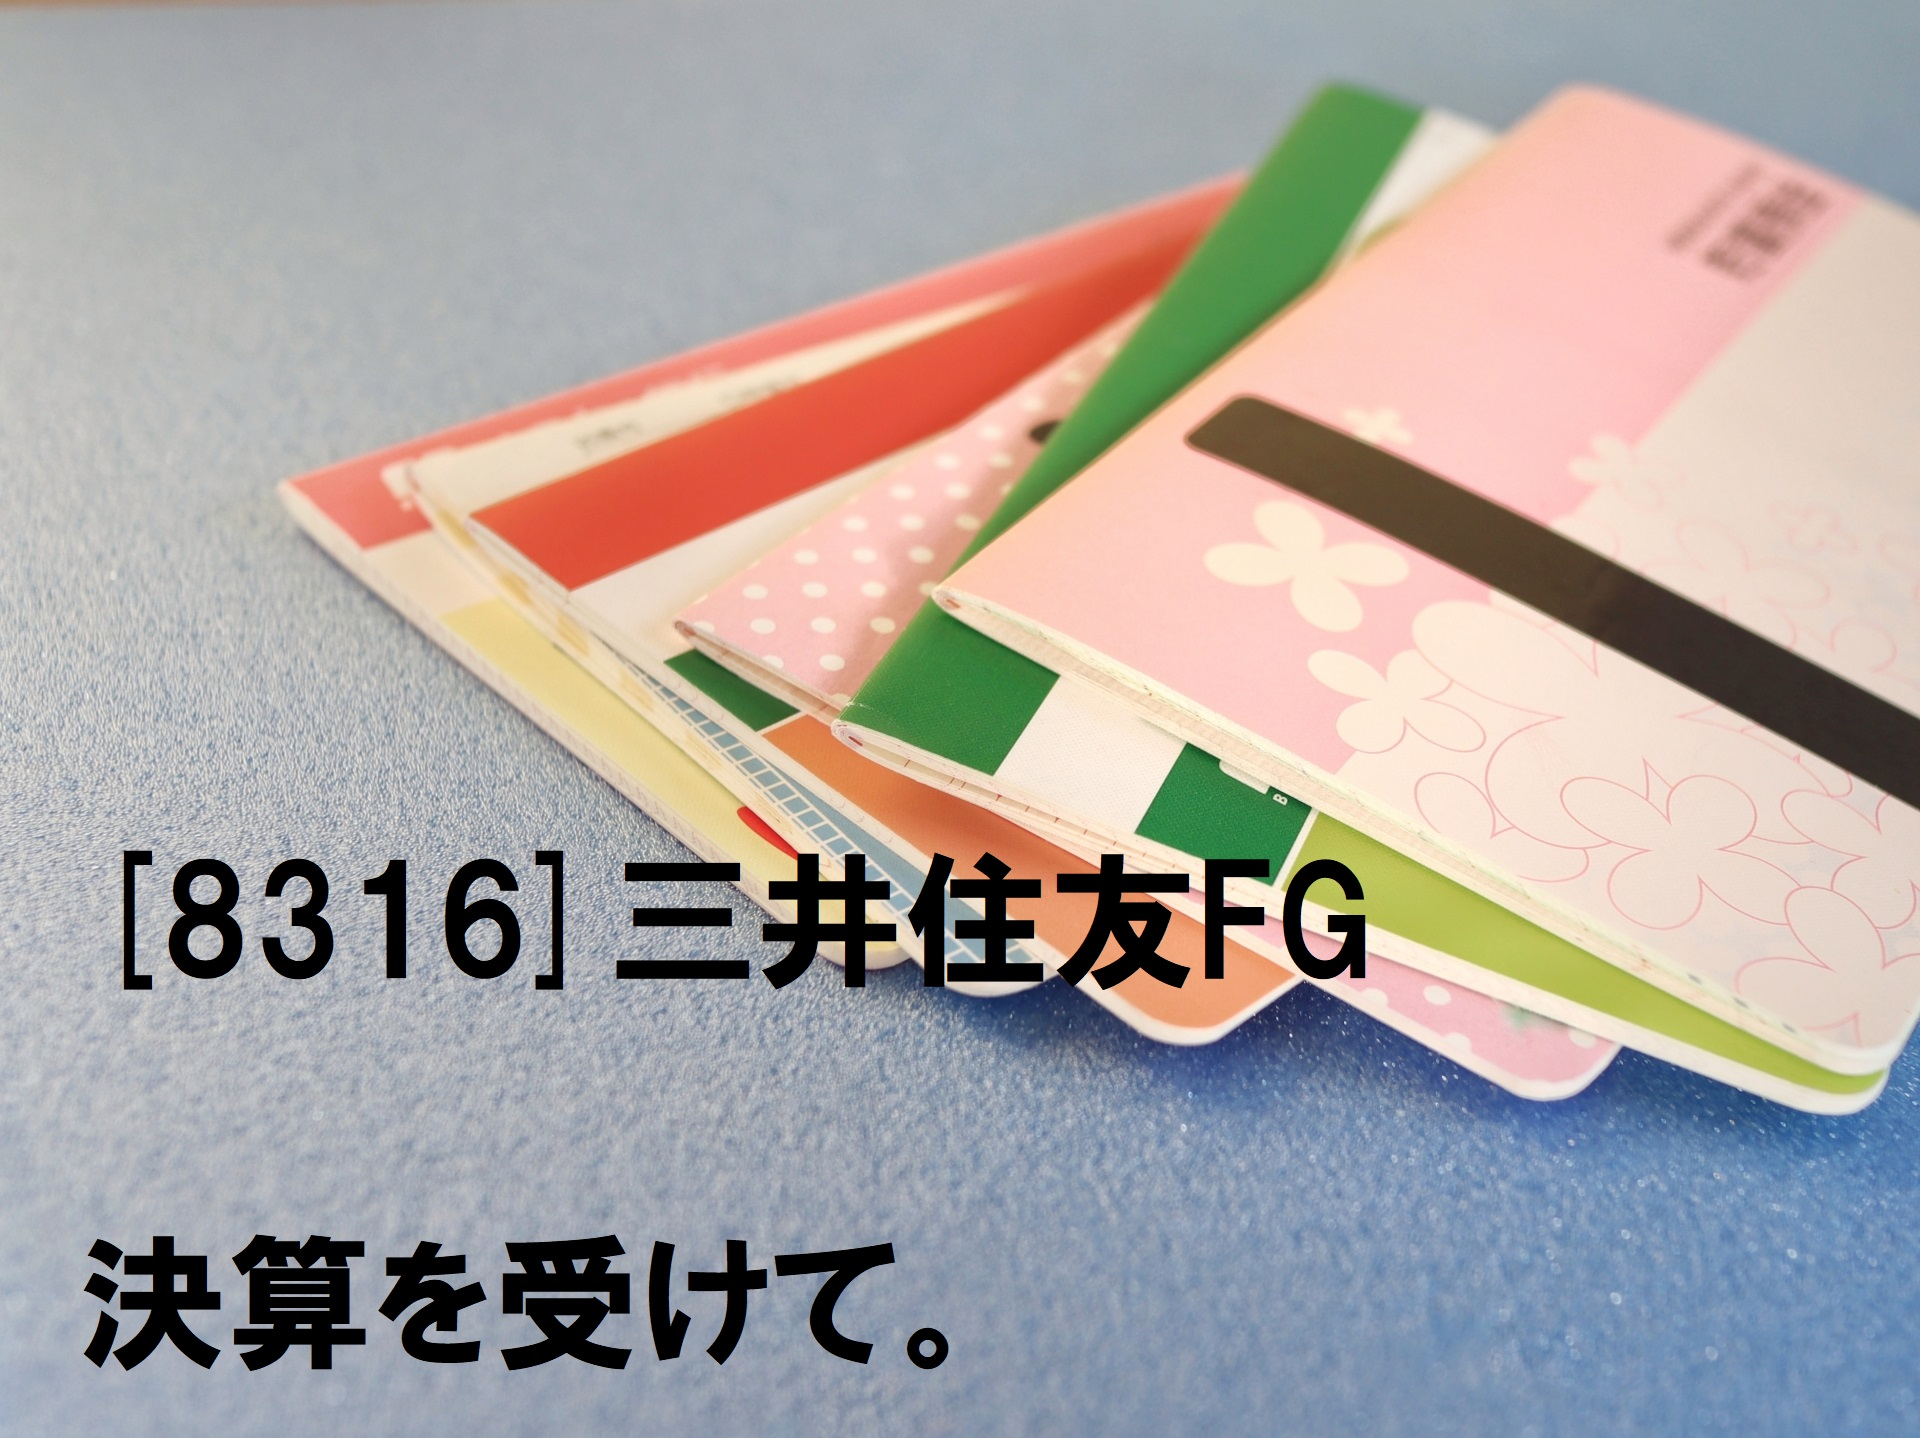 [8316]三井住友FGの2019年決算を受けて。